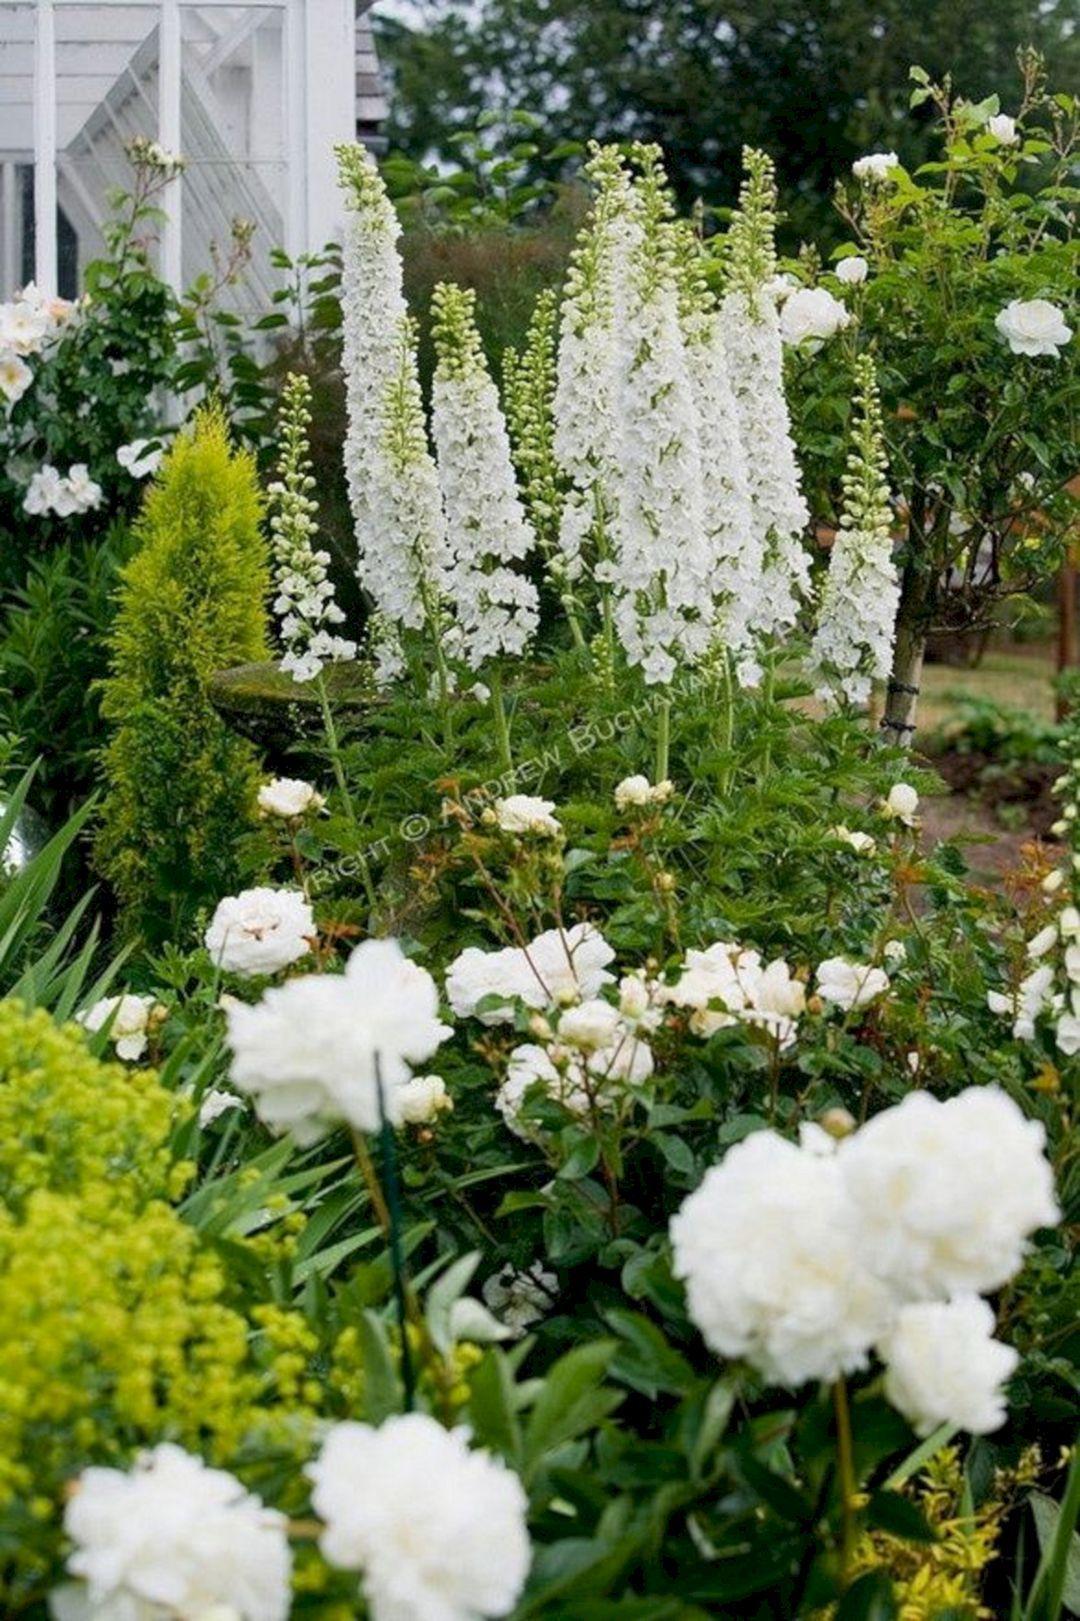 White Garden Ideas 26 White Garden Ideas 26 Design Ideas And Photos Moon Garden White Gardens Cottage Garden